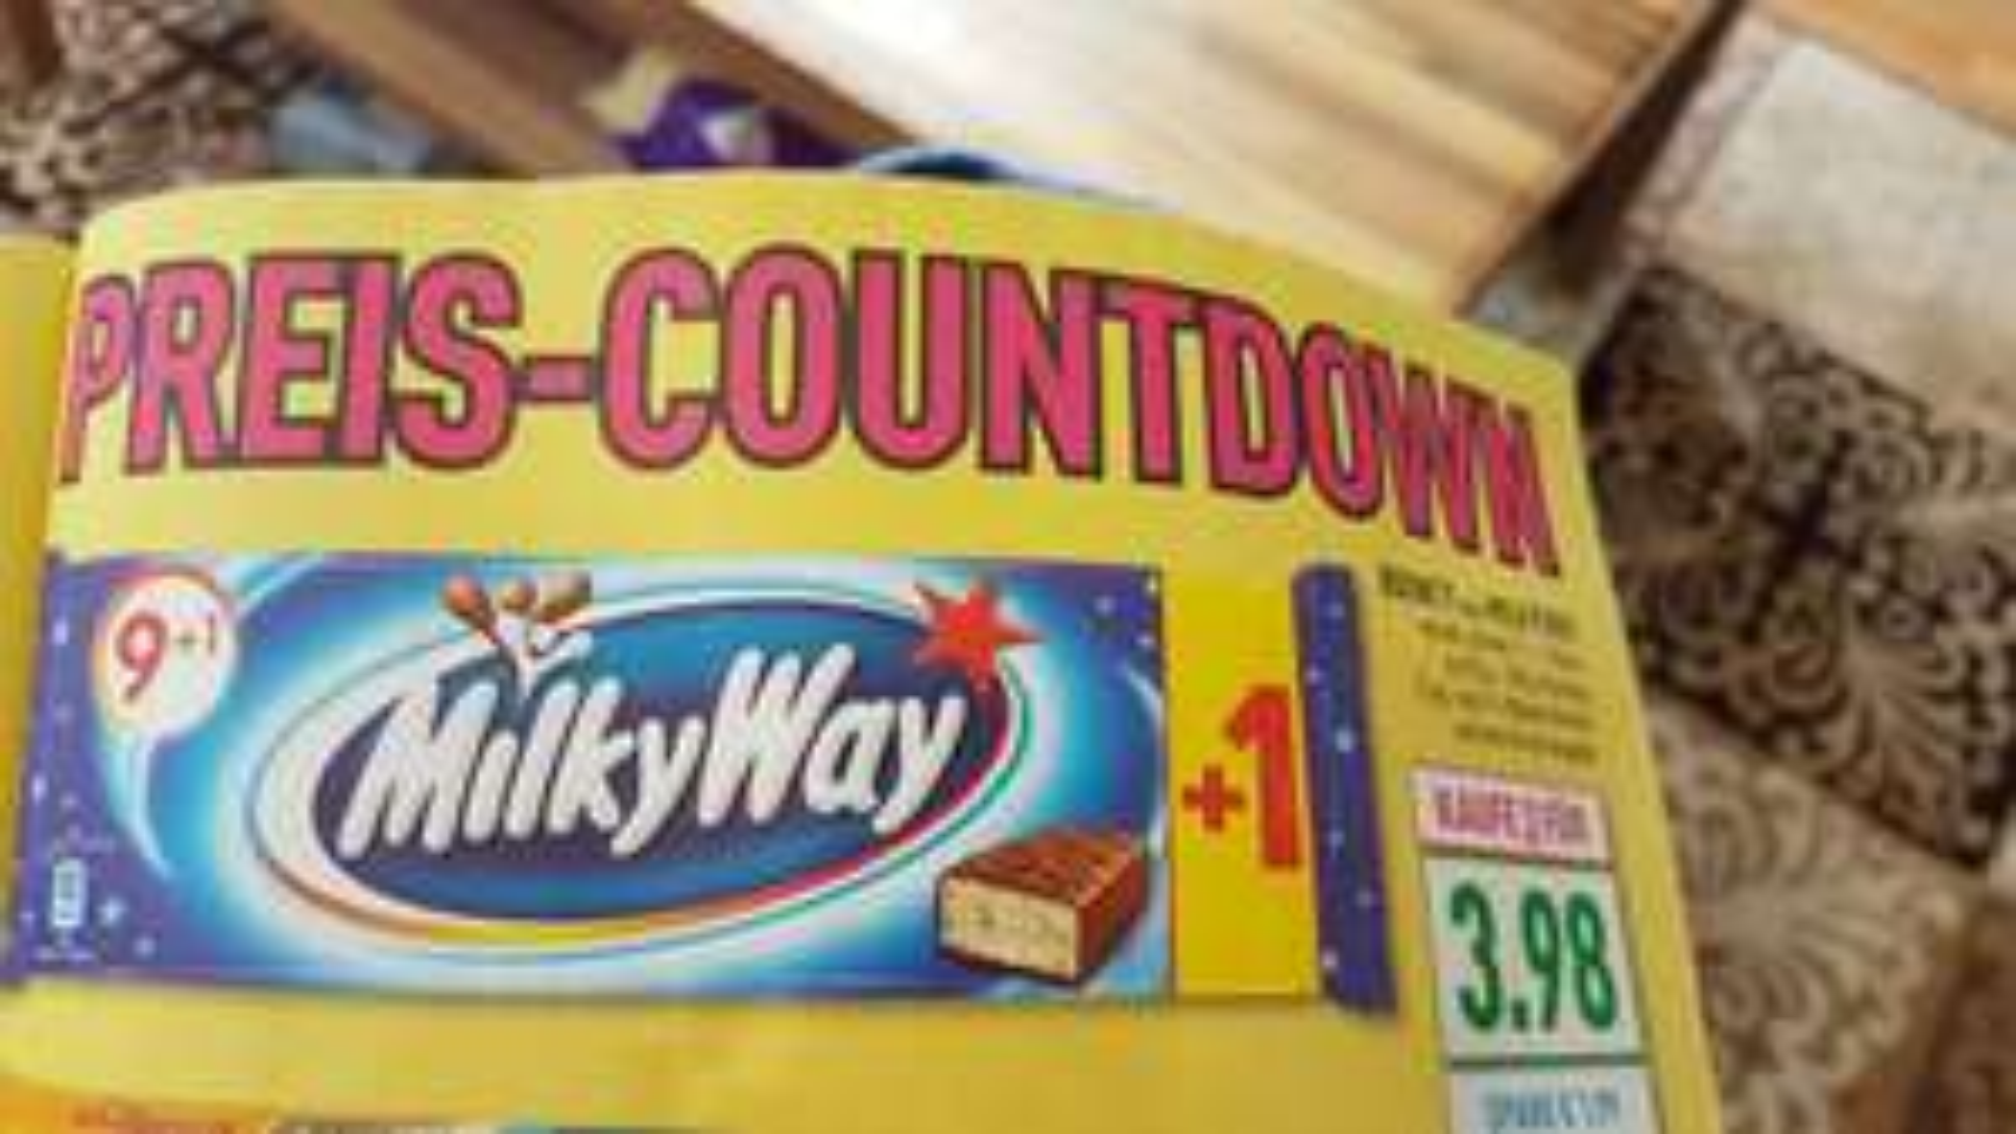 Bounty oder Milky Way 3x Packungen für 3.98€ im Marktkauf Bielefeld